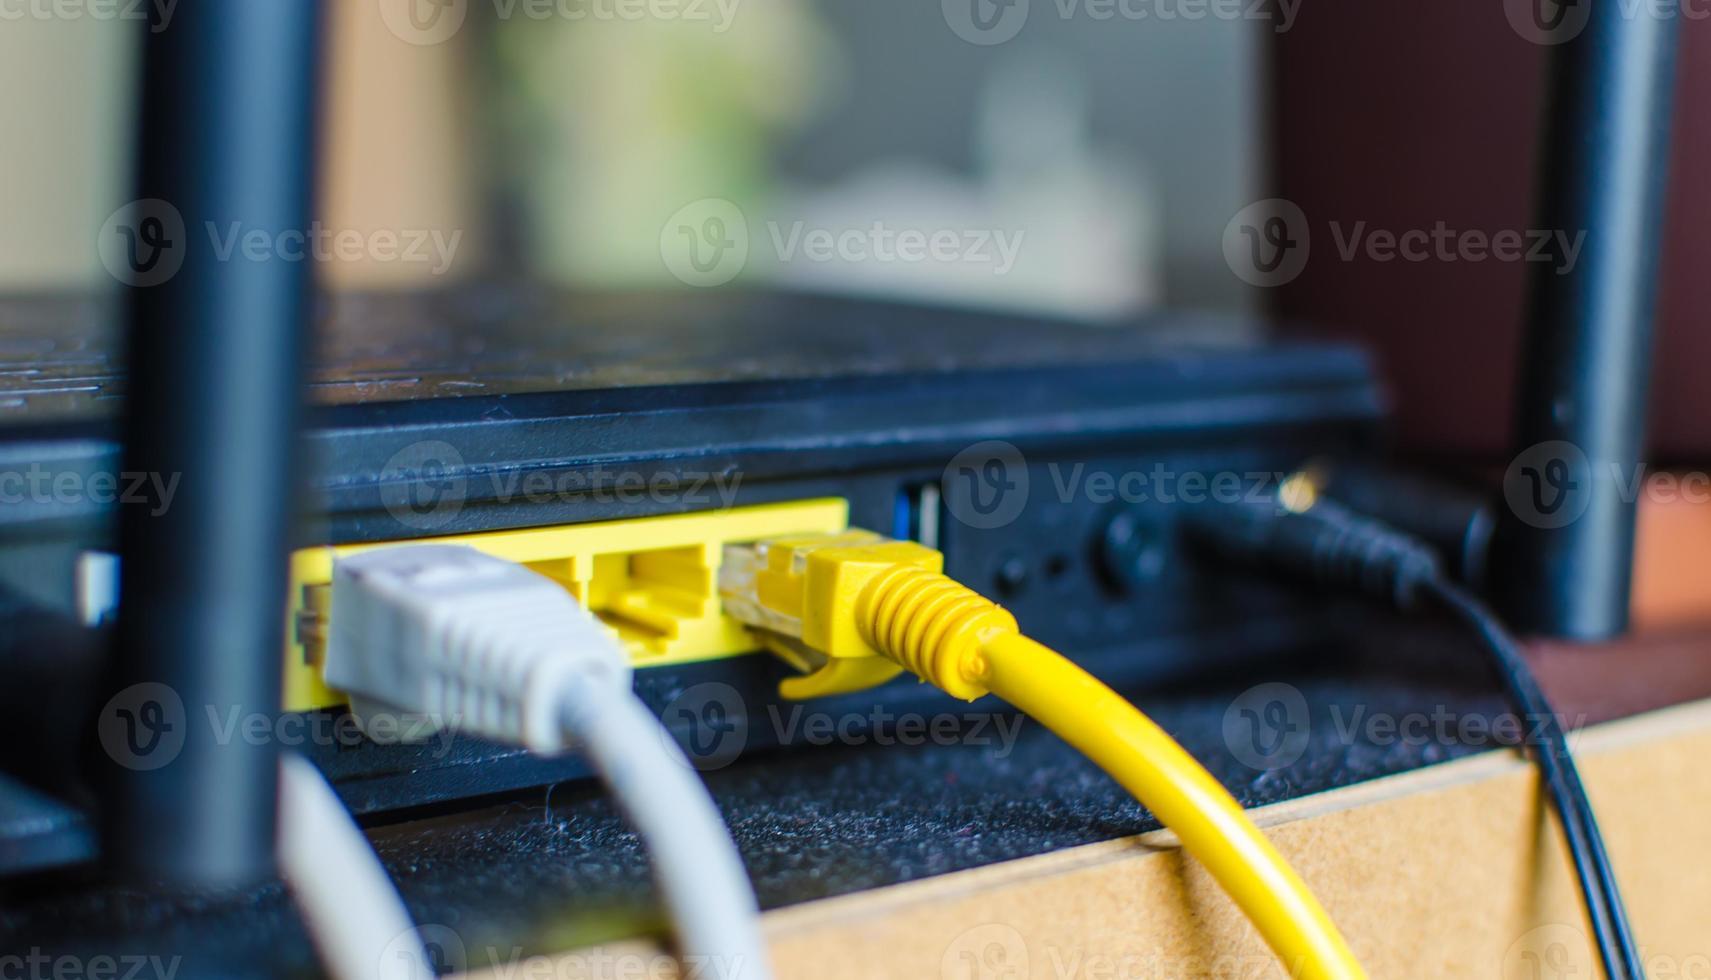 modem par cable. photo